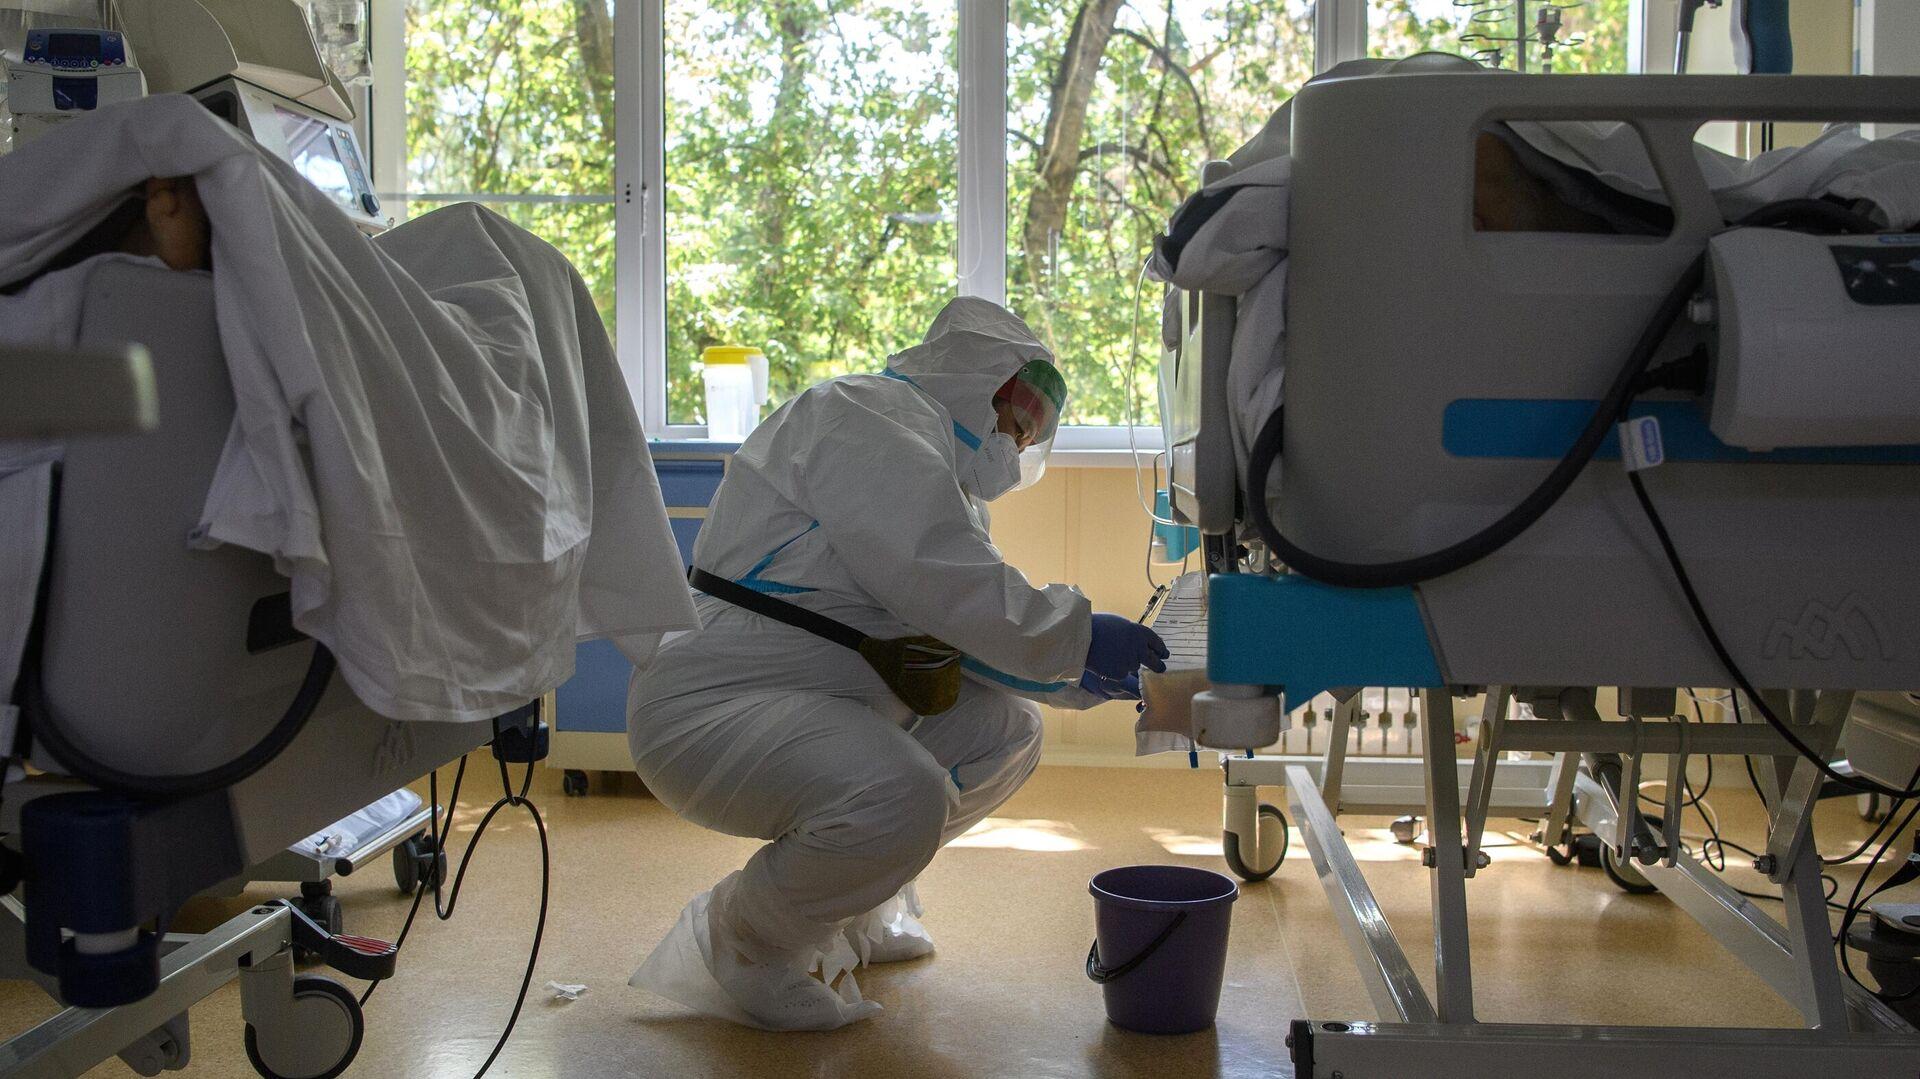 Медицинский работник в отделении реанимации и интенсивной терапии в госпитале COVID-19 - РИА Новости, 1920, 22.07.2021